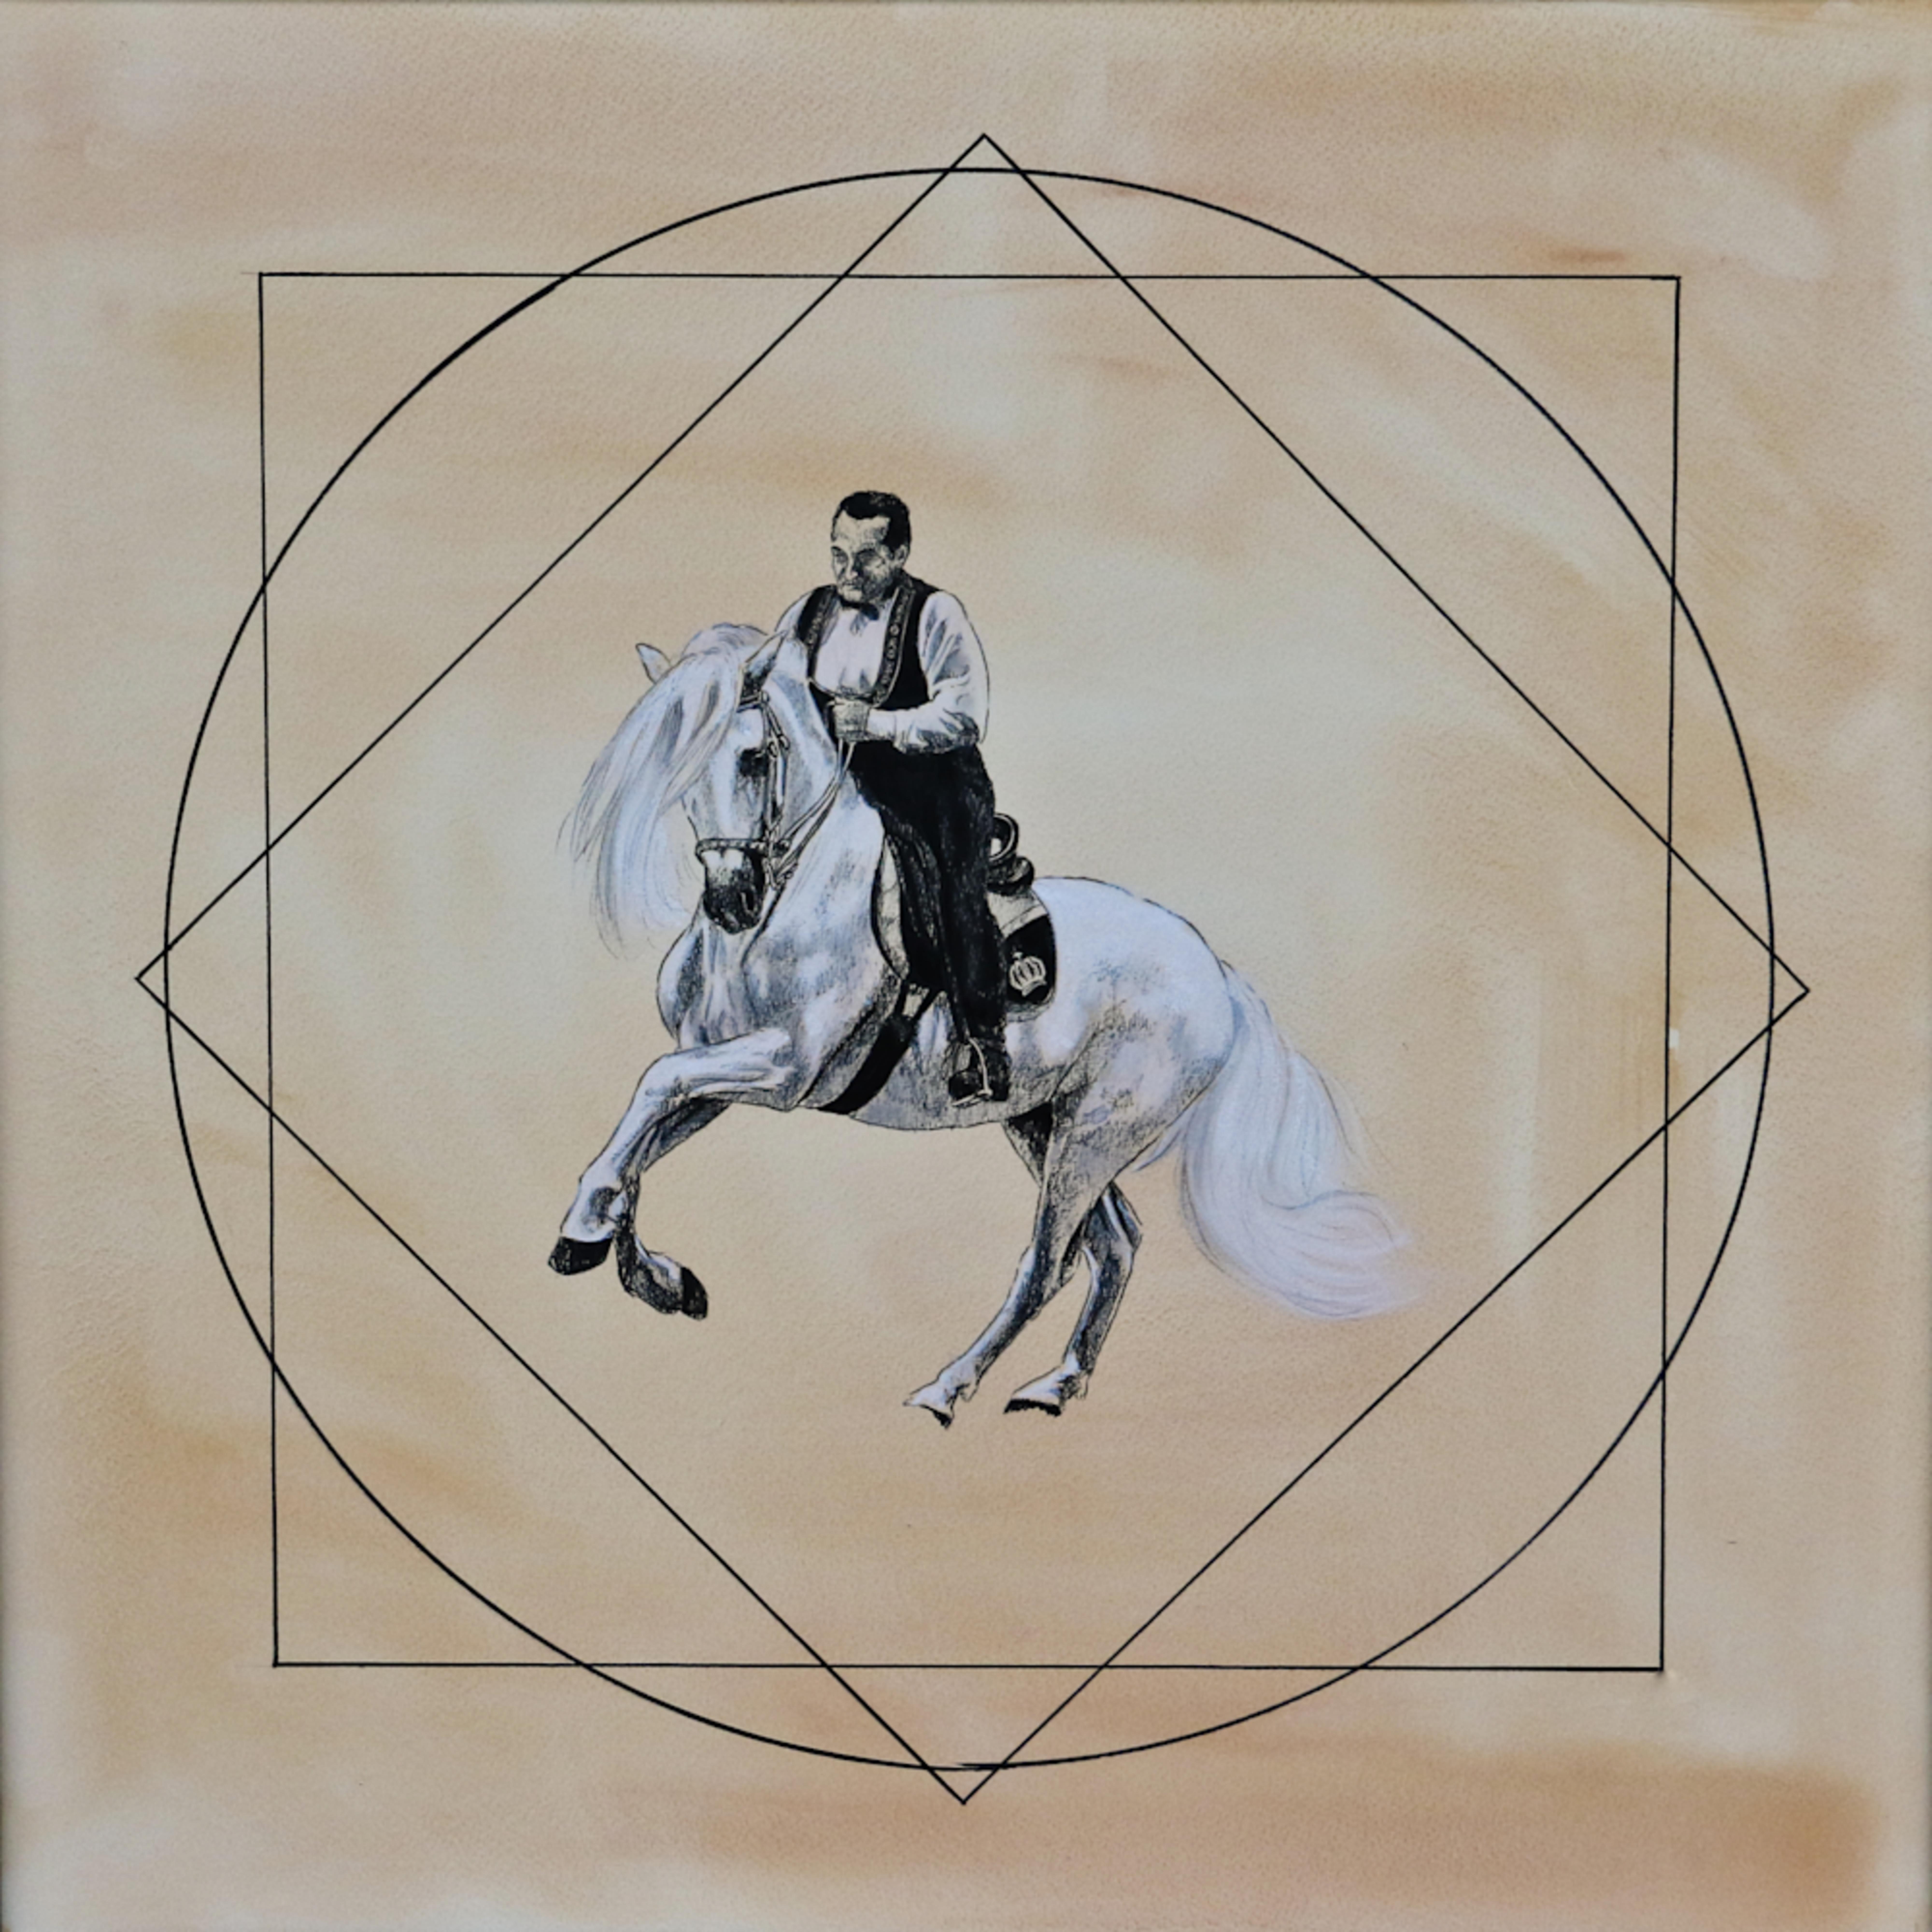 Royal horses canter pirouette kg4xkk